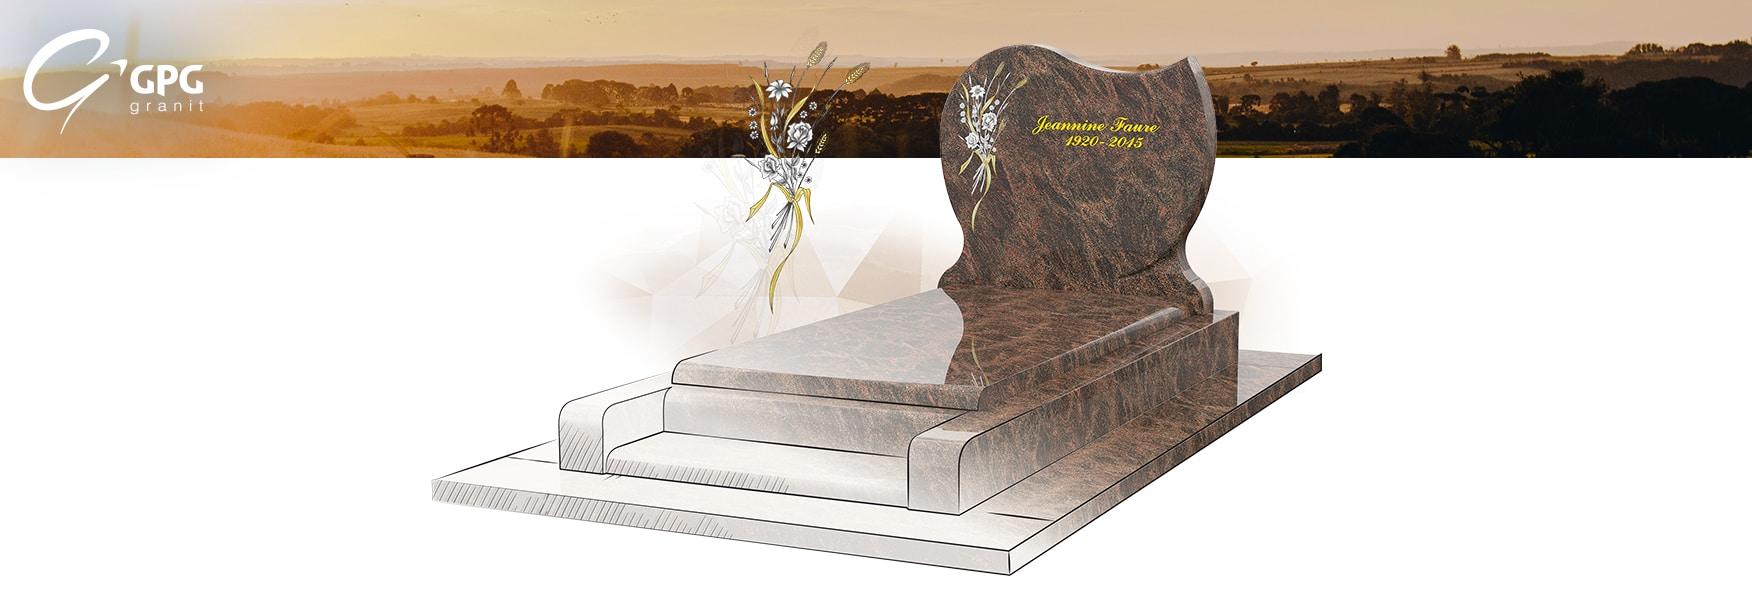 Le monument funéraire GPG 160 vous dit probablement quelque chose